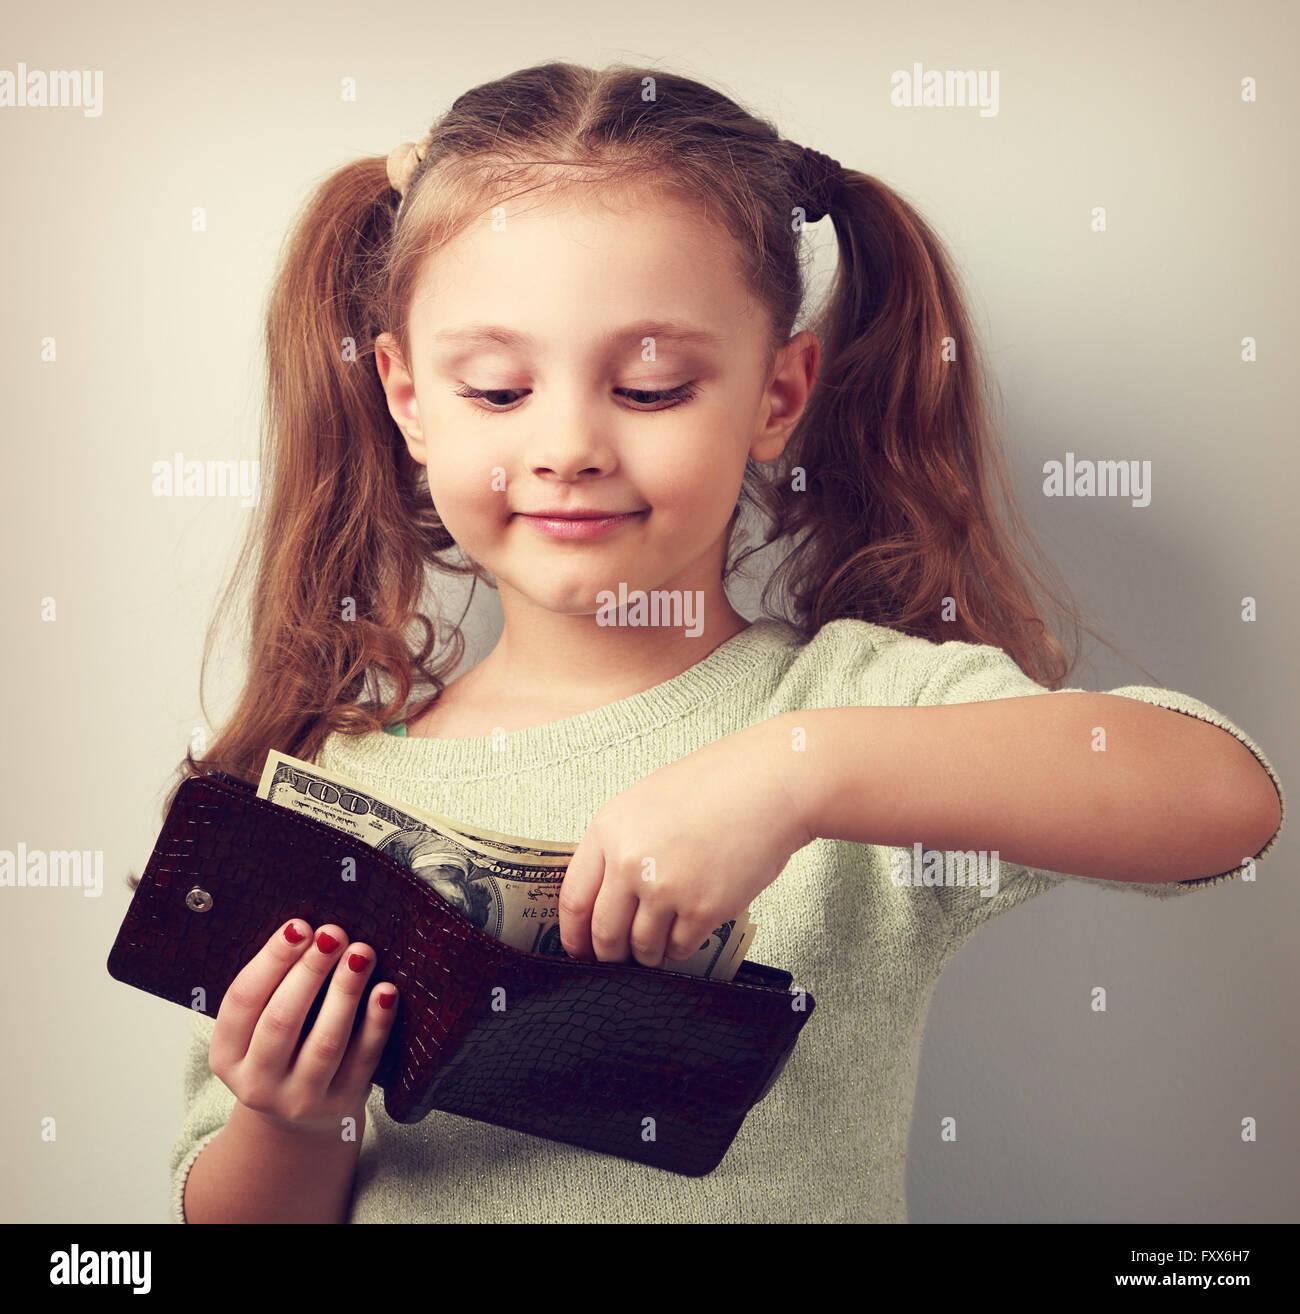 Petit enfant cute girl taking dollars de la mère porte-monnaie et à heureux. Tonique closeup portrait Photo Stock